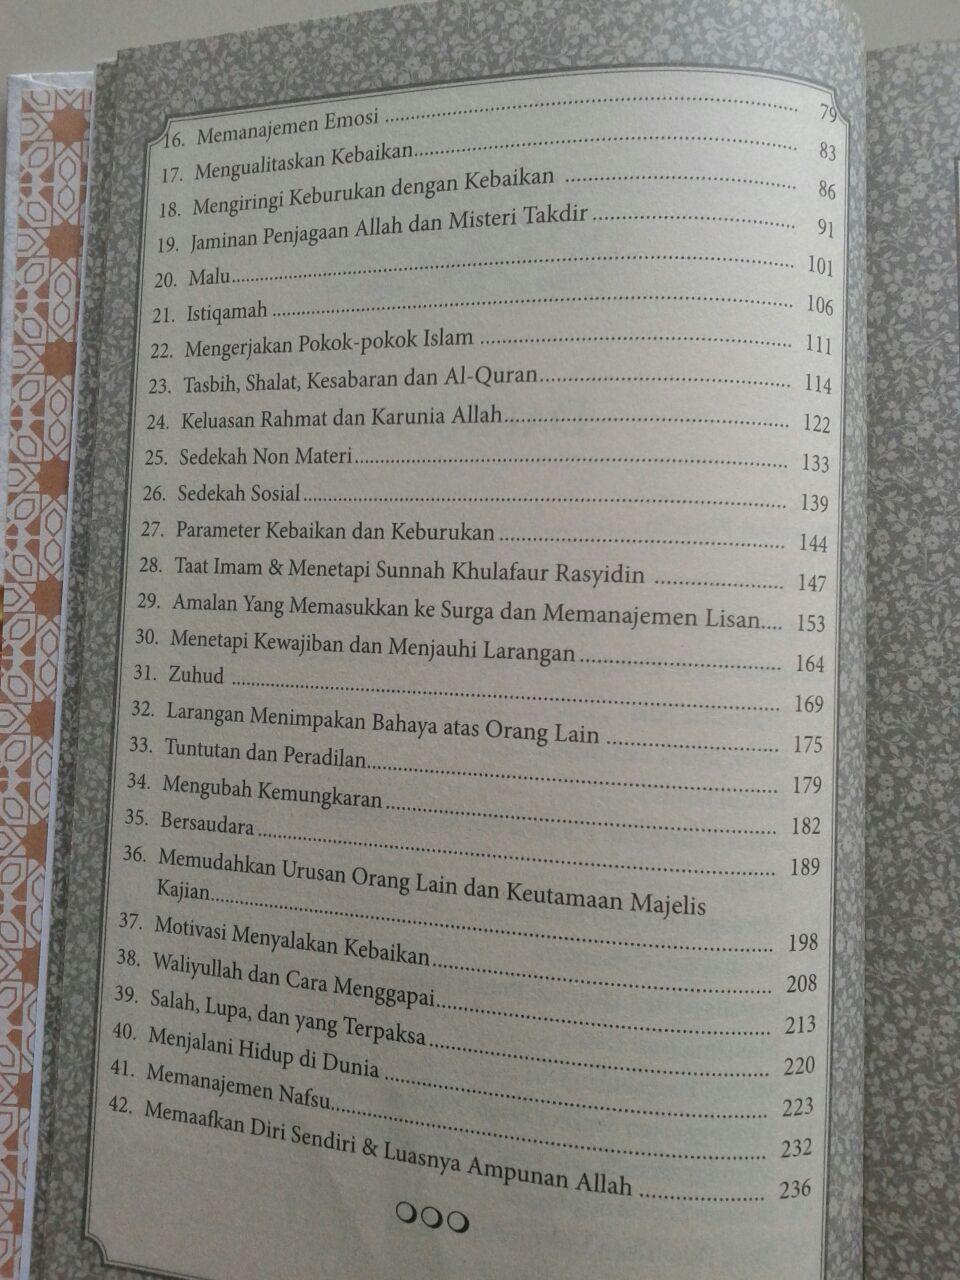 Buku Syarah Hadits Arba'in An-Nawawiyah isi